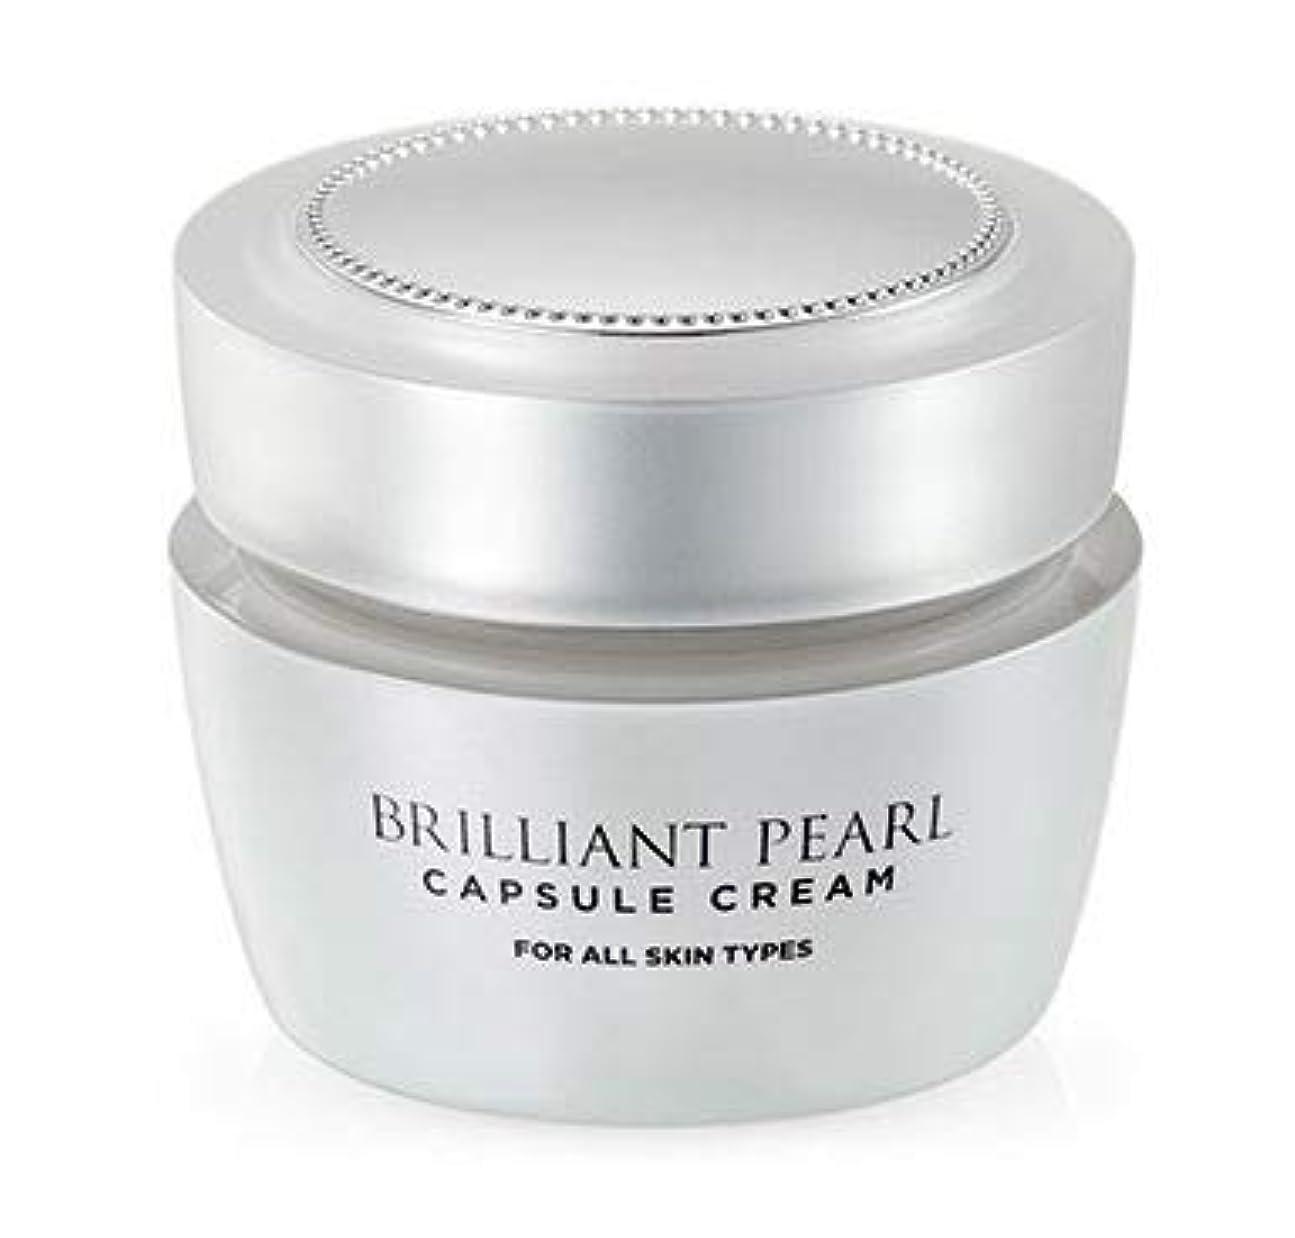 移行するロイヤリティ冒険[A.H.C] Brilliant Pearl Capsule Cream 50g /ブリリアントパールカプセルクリーム50g [並行輸入品]